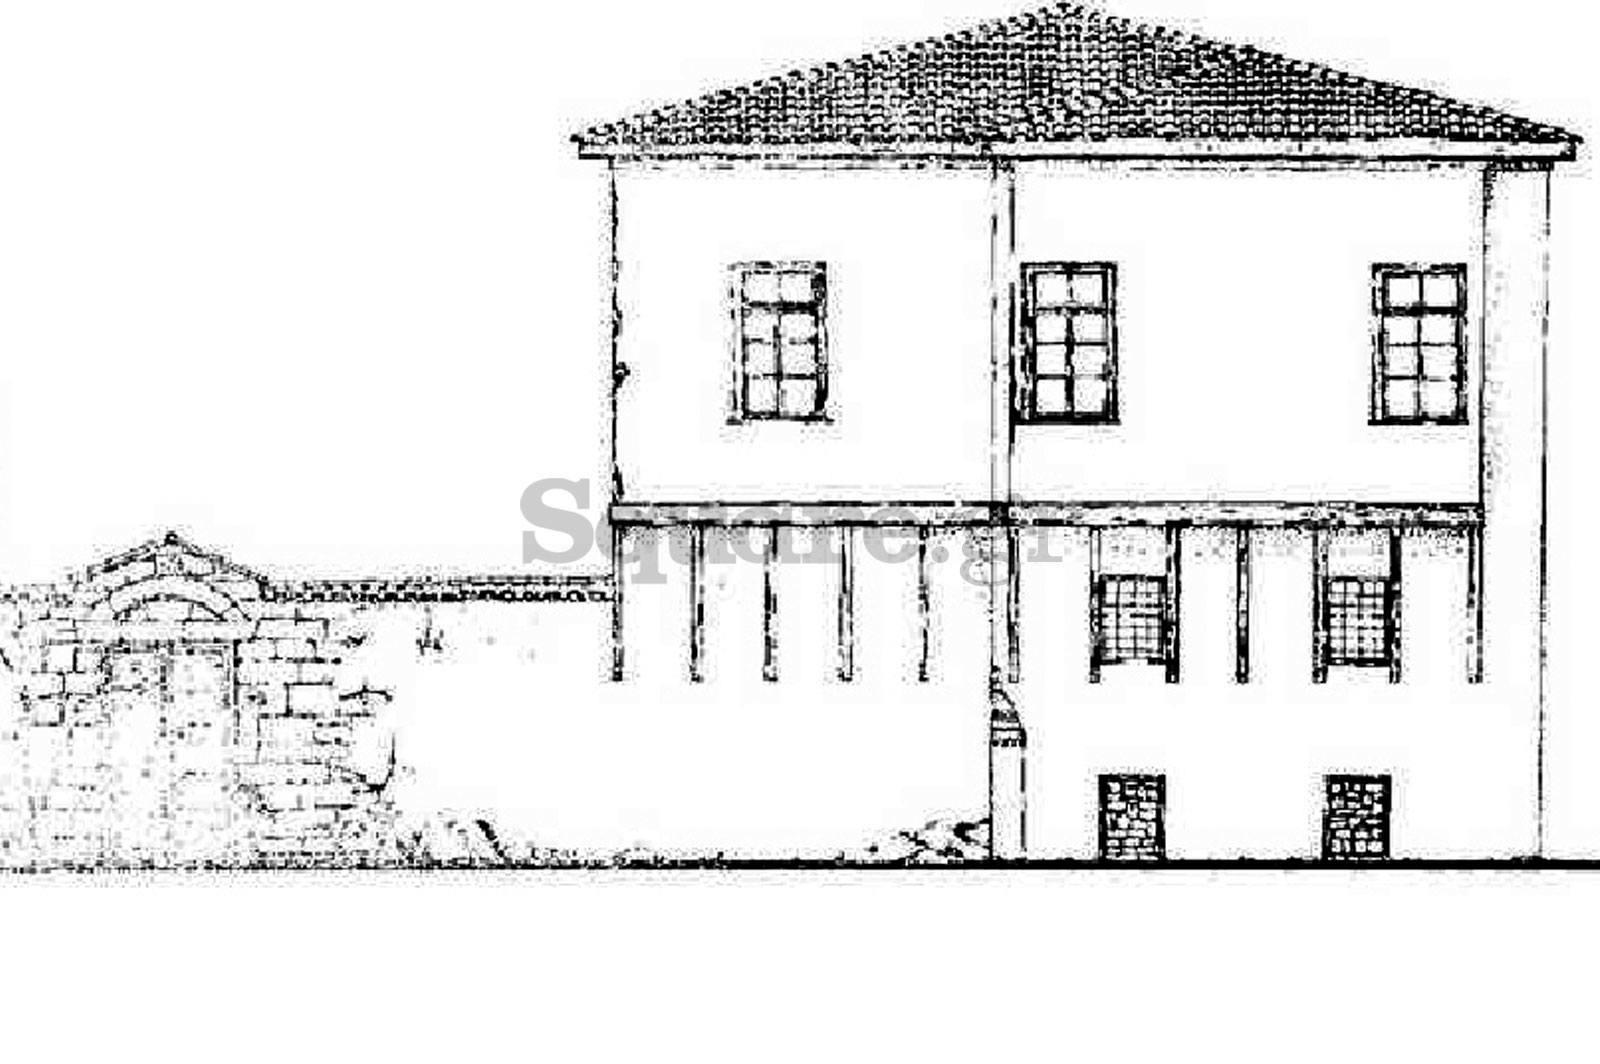 6-Οικία-οδού-παίδων-Χαλκίδα-τουρκοκρατία-και-μεταβυζαντικό-σπίτι-anatoliki-opsi